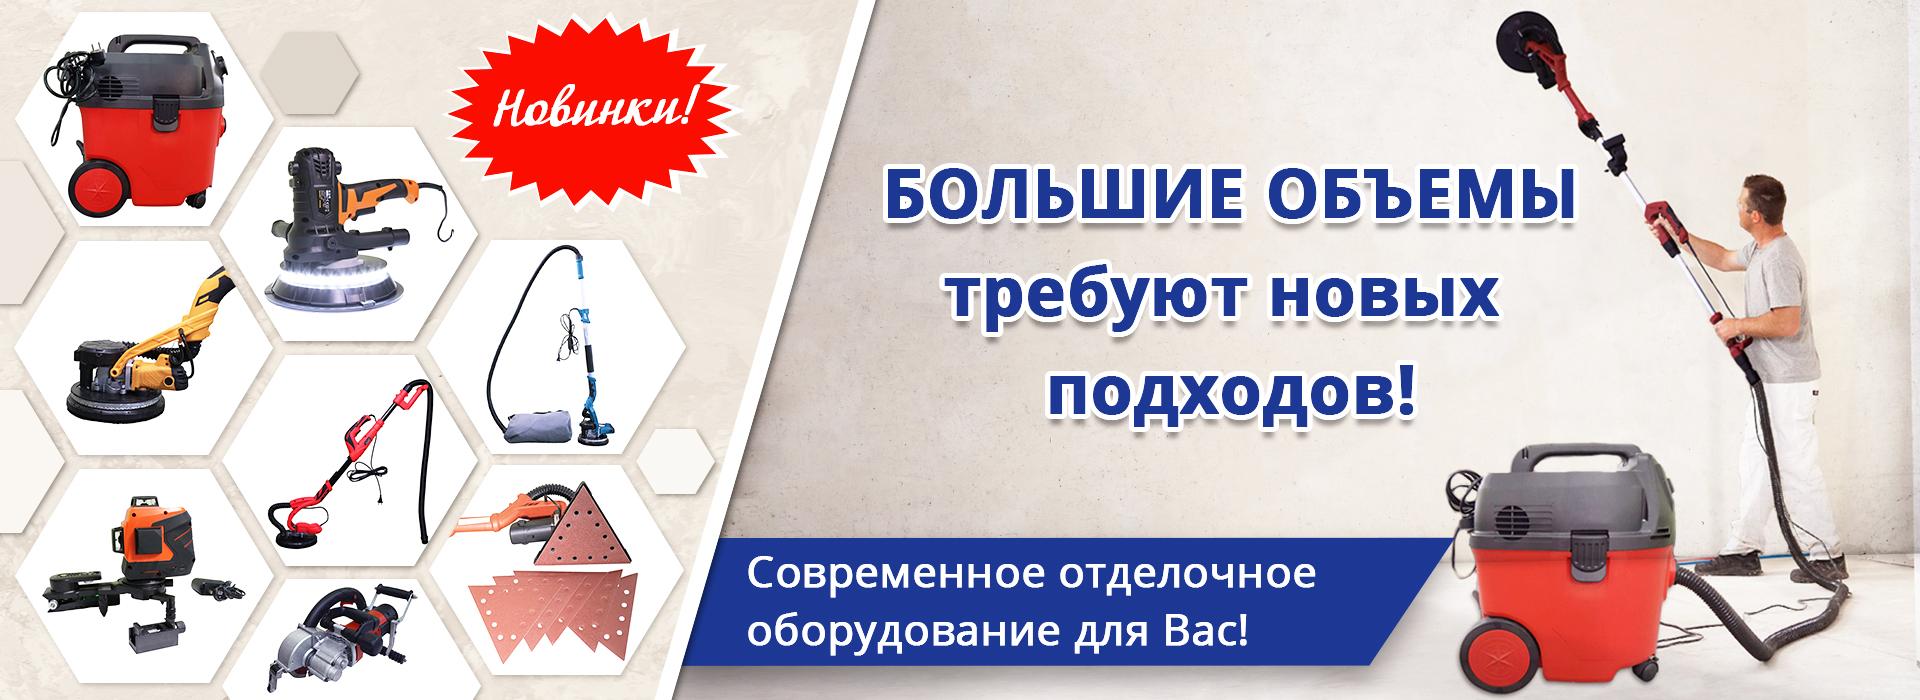 banner_otdelochnije_mart_2020